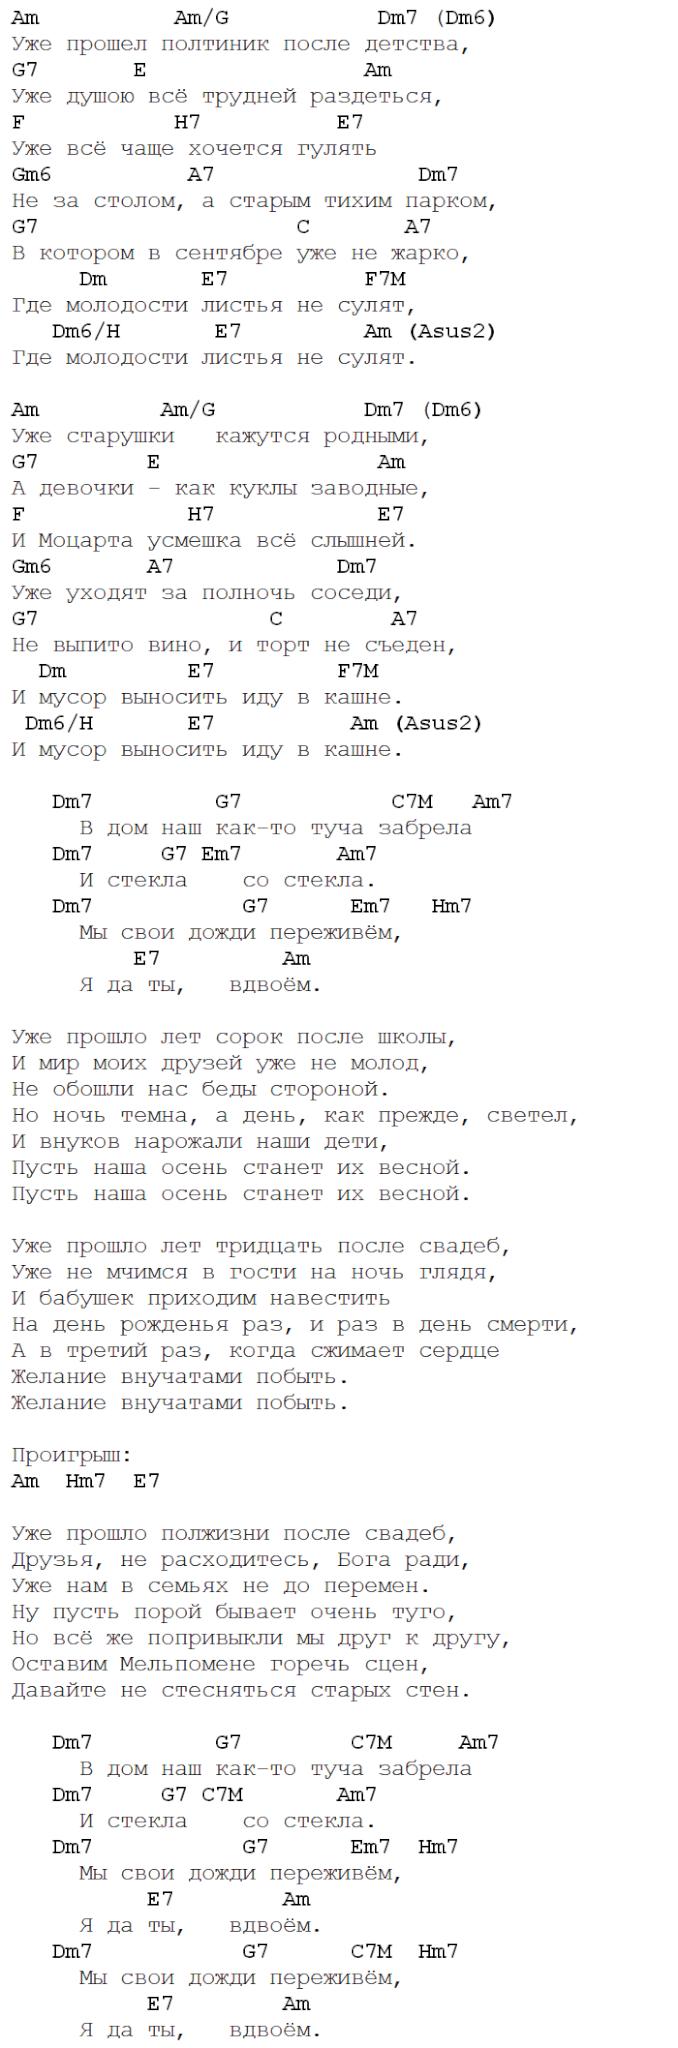 Розенбаум - Размышления на прогулке